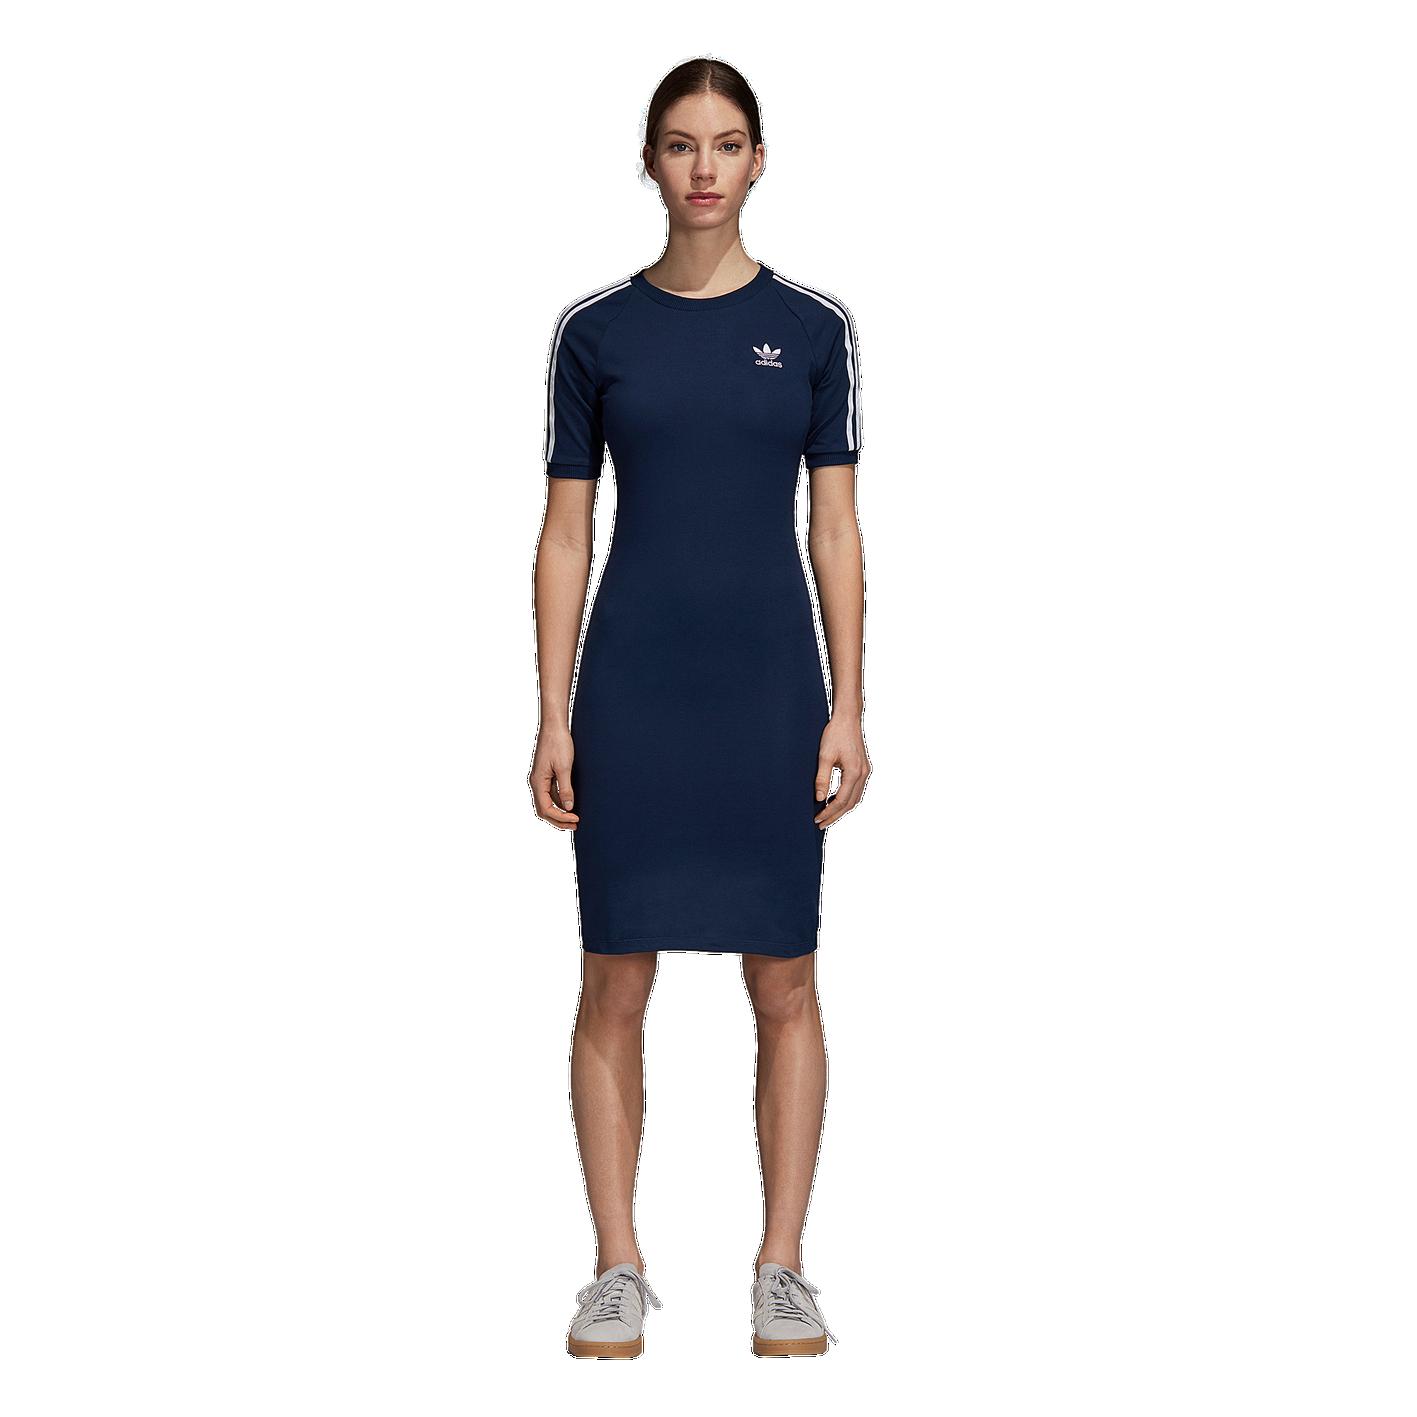 ced0b0925a1 adidas Originals Adicolor 3-Stripe Dress - Women's - Casual ...